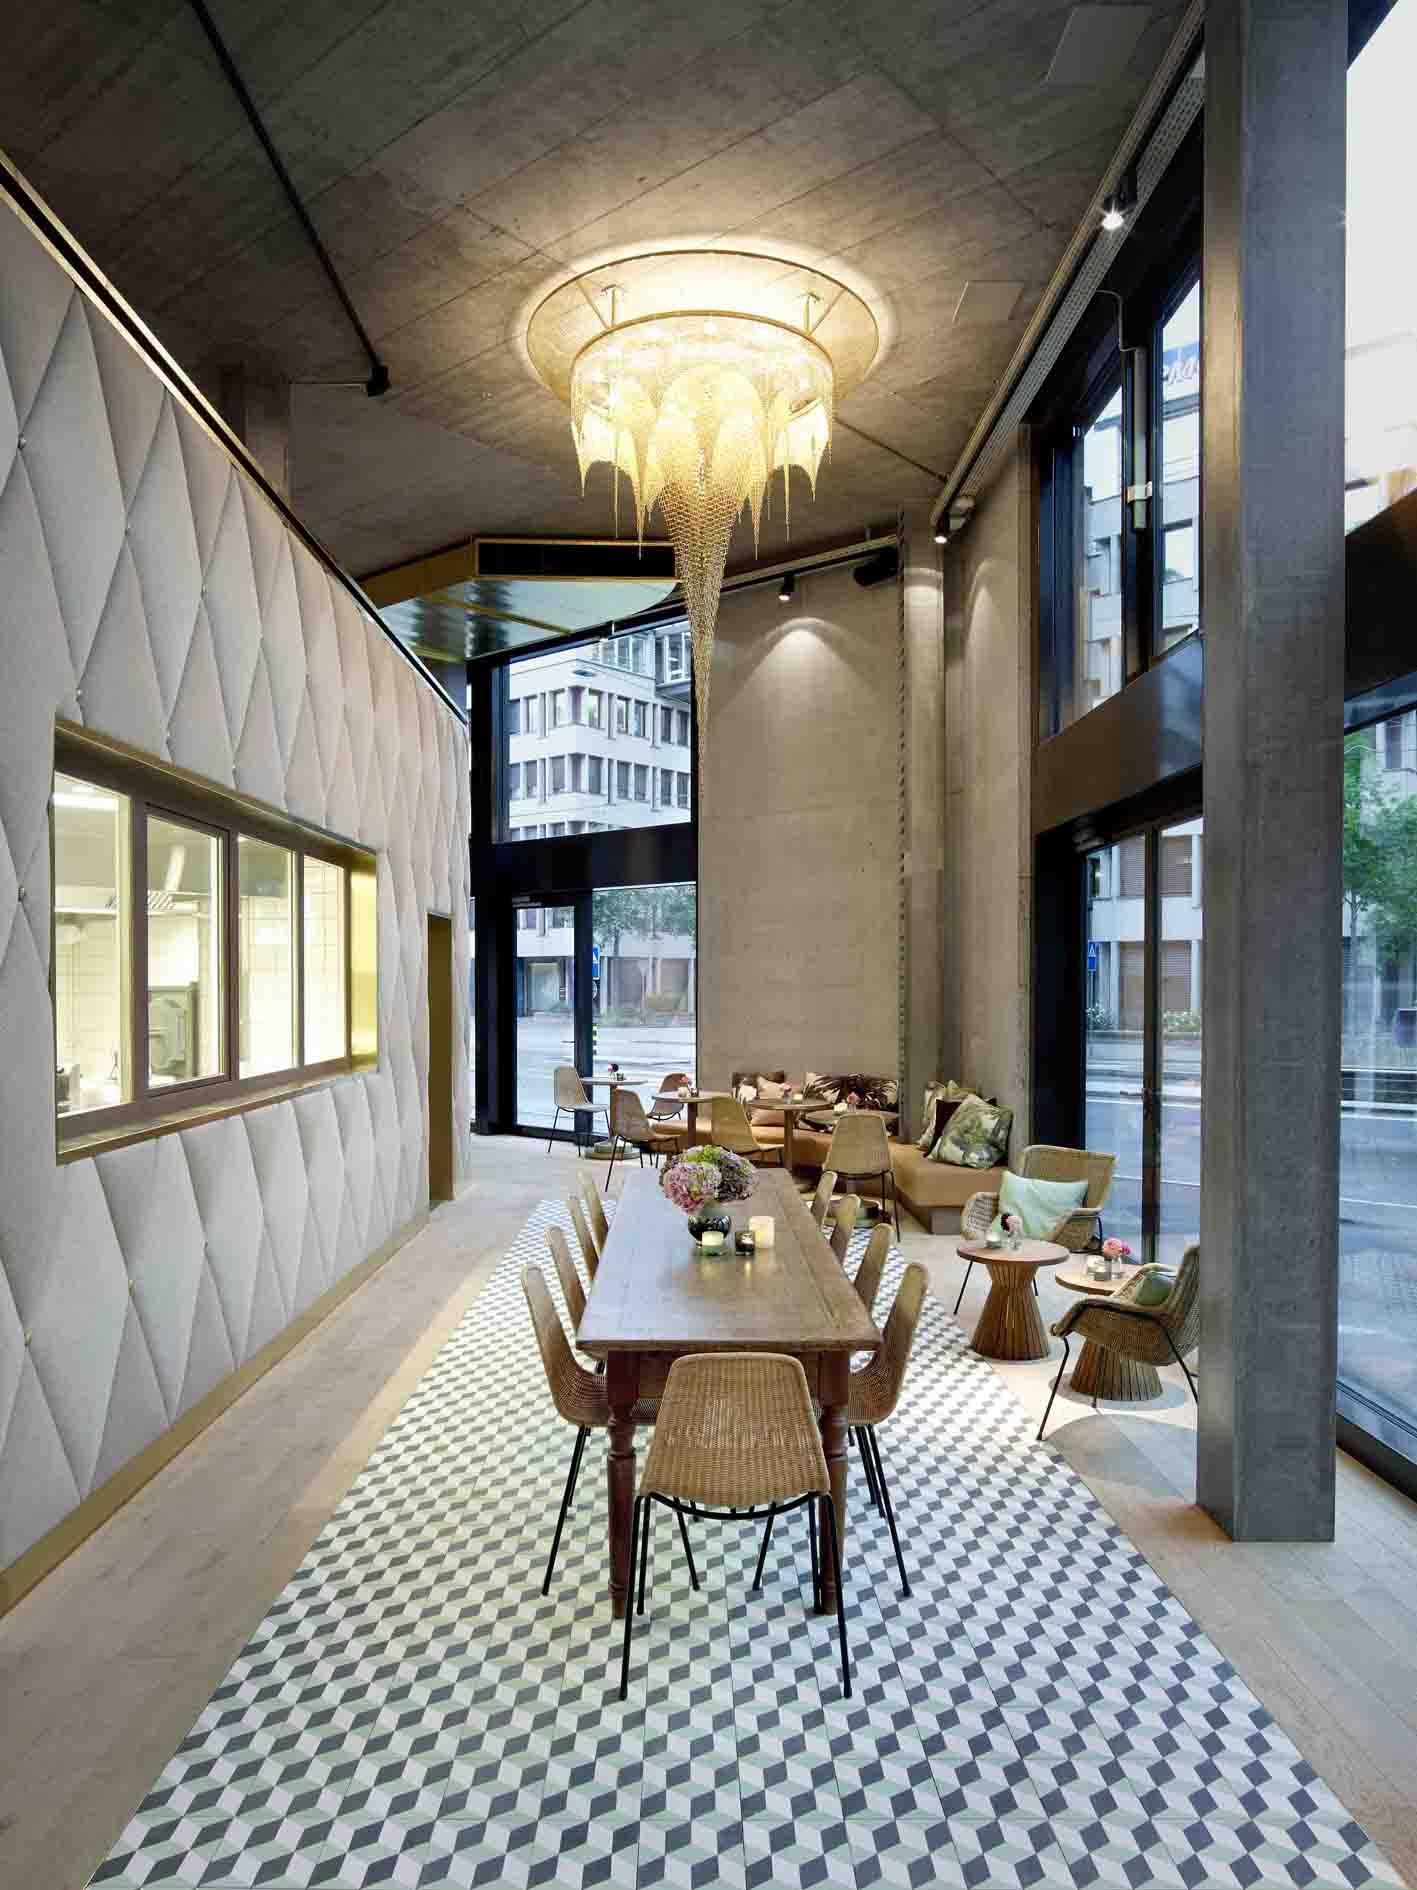 Beleuchtung im Restaurant Bebek, Tisch am Eingang